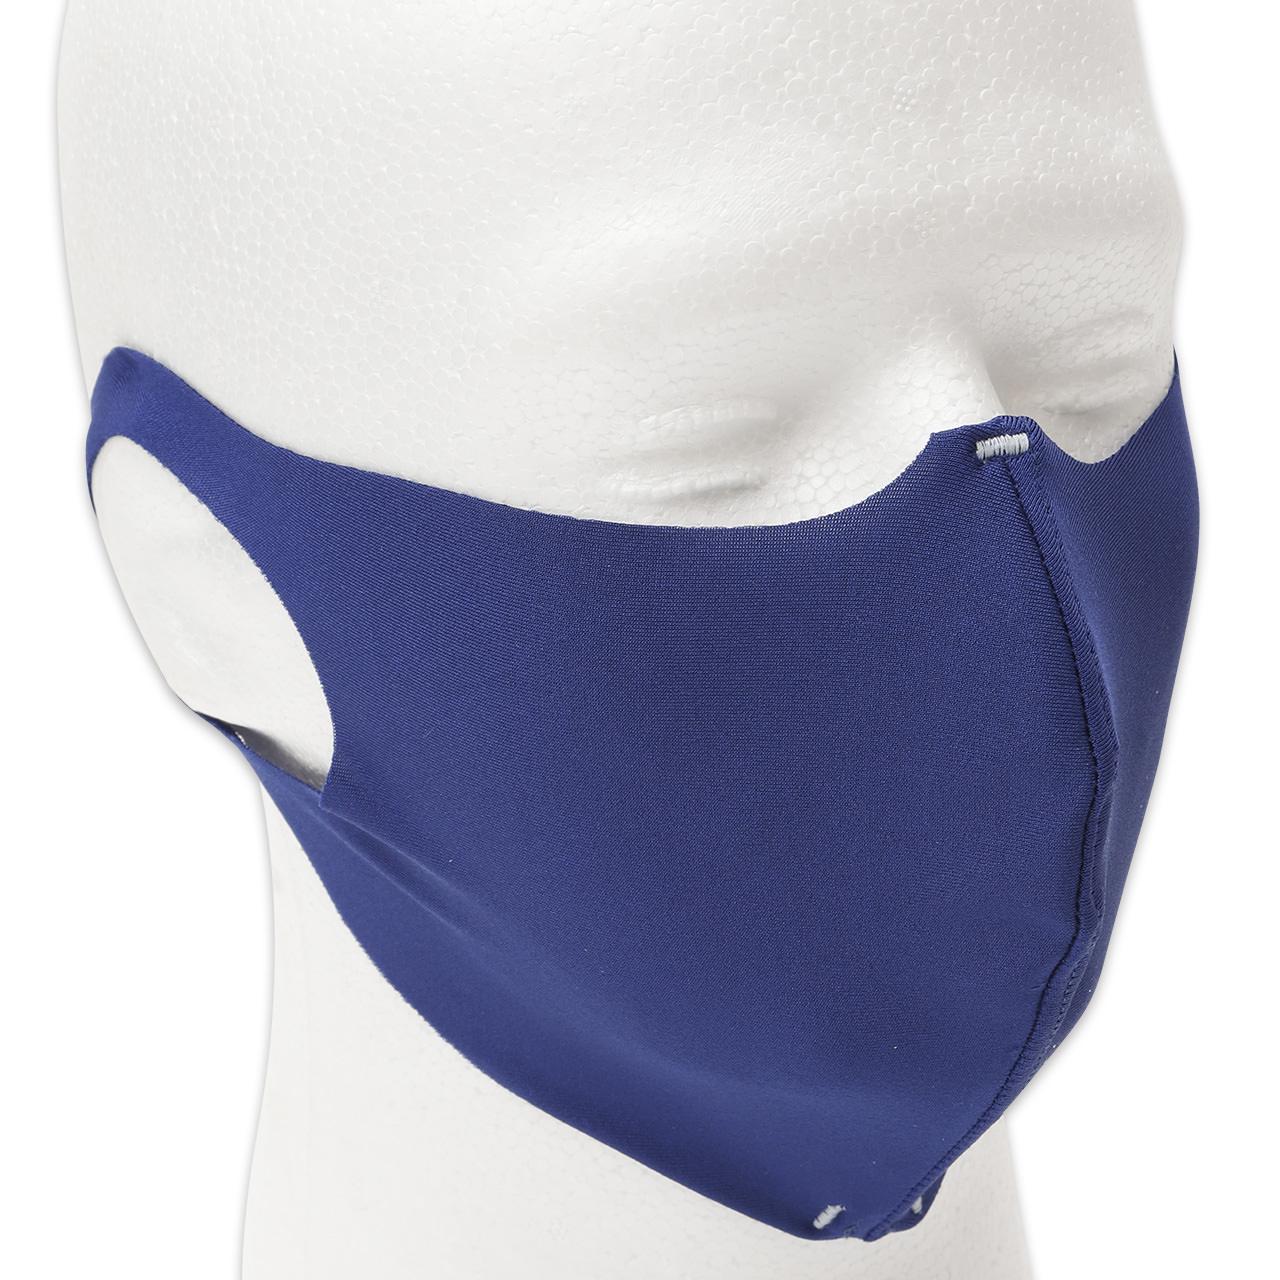 ランニング用 飛沫防止マスク マモラント プラス ダークブルー